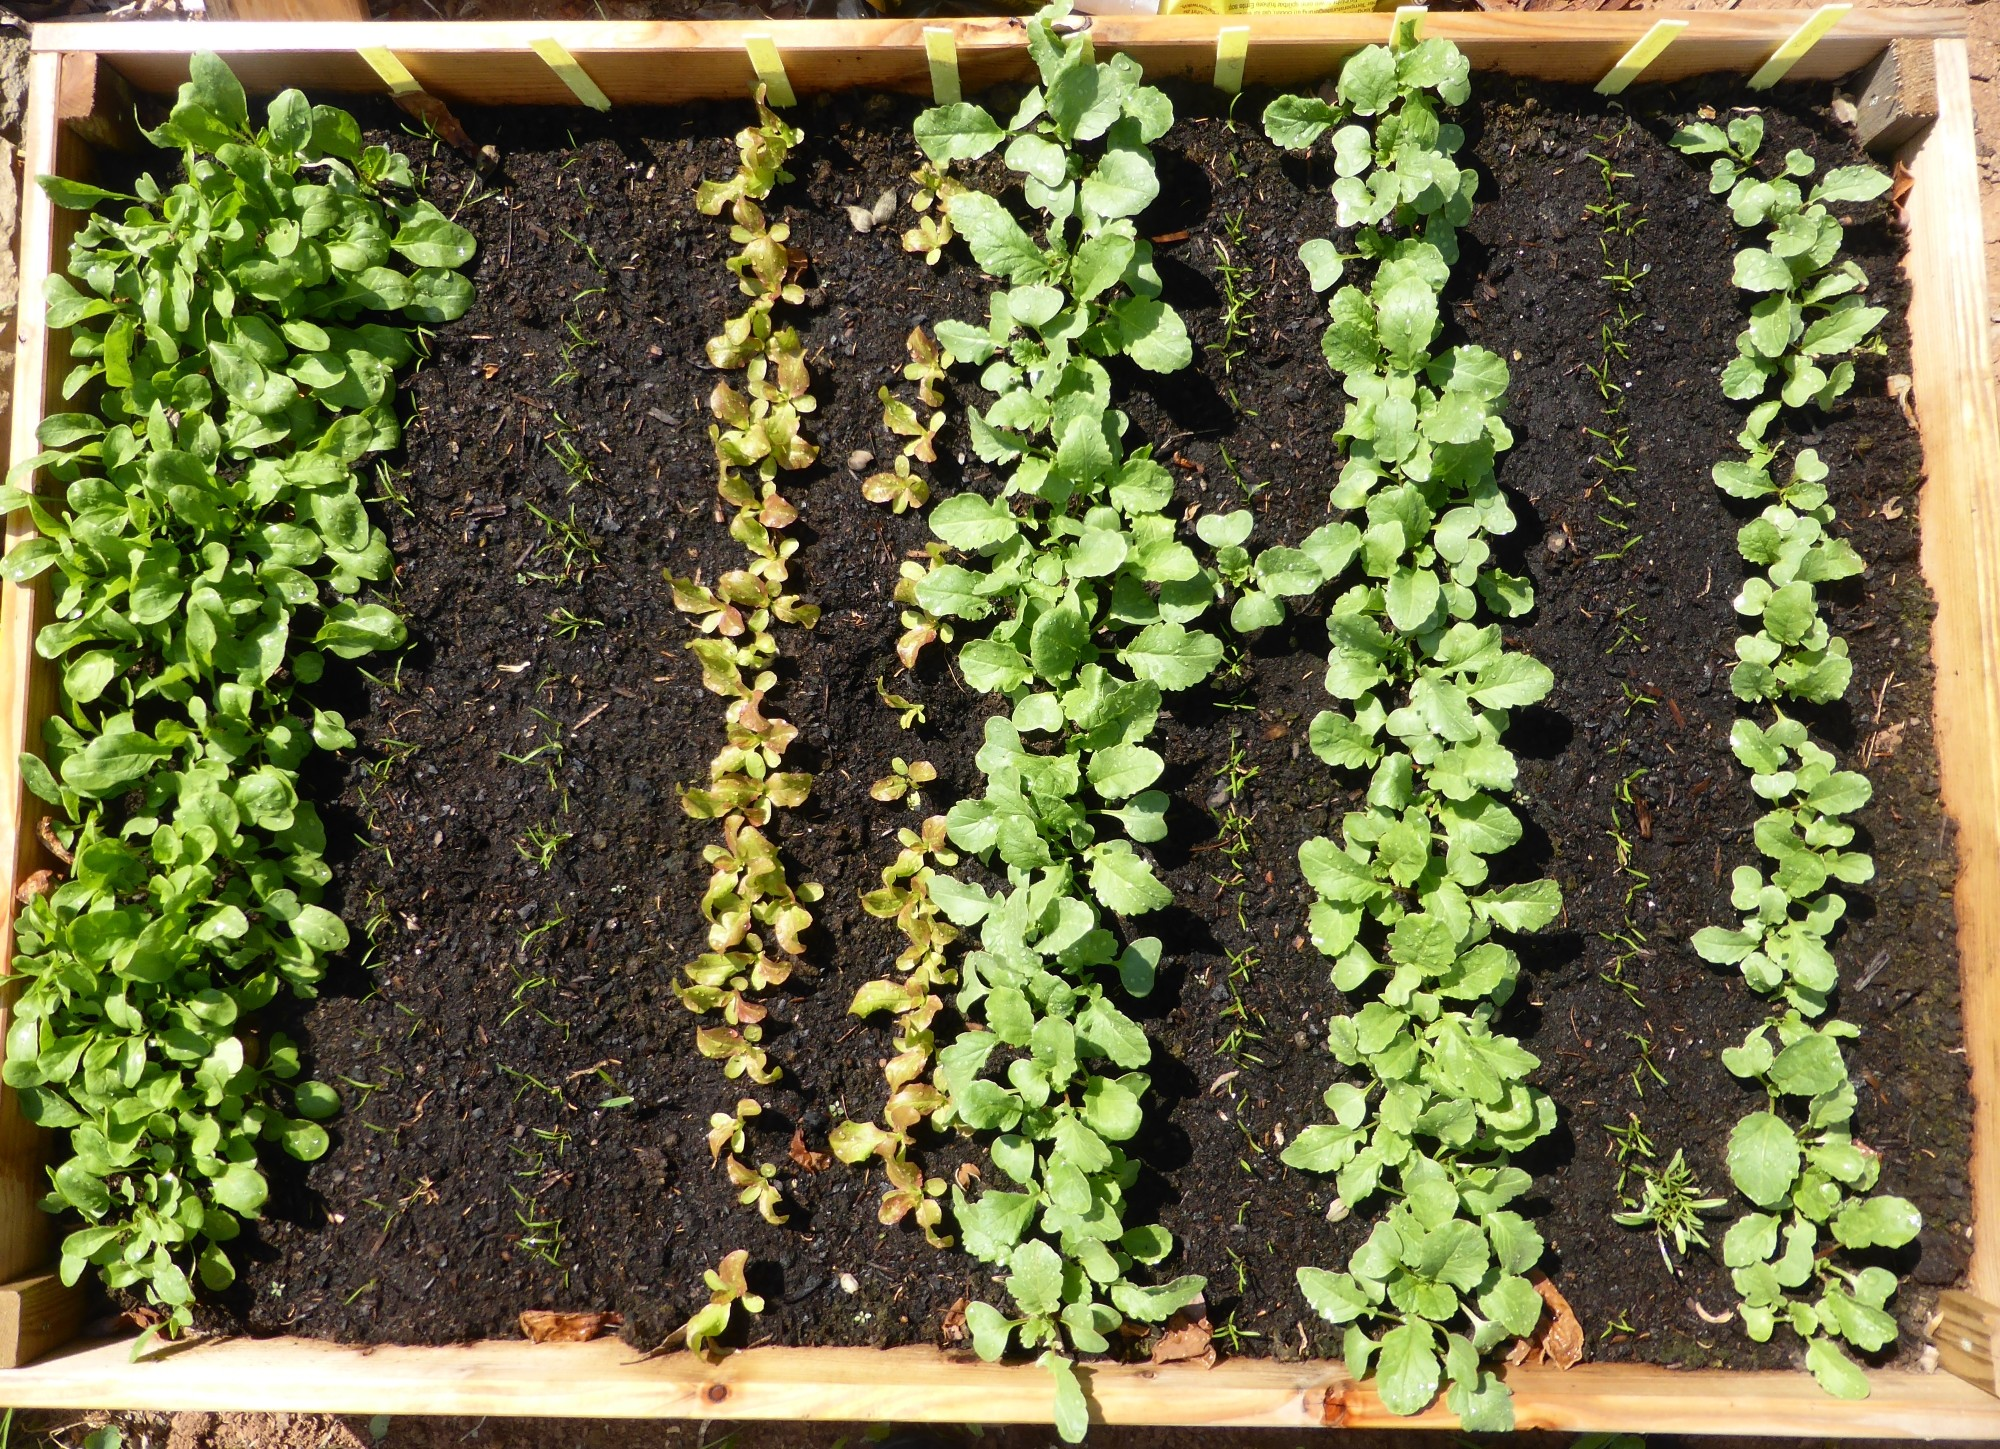 Garten, Balkongarten, Topfgarten: Tipps wie Hochbeet bauen und optimal nutzen